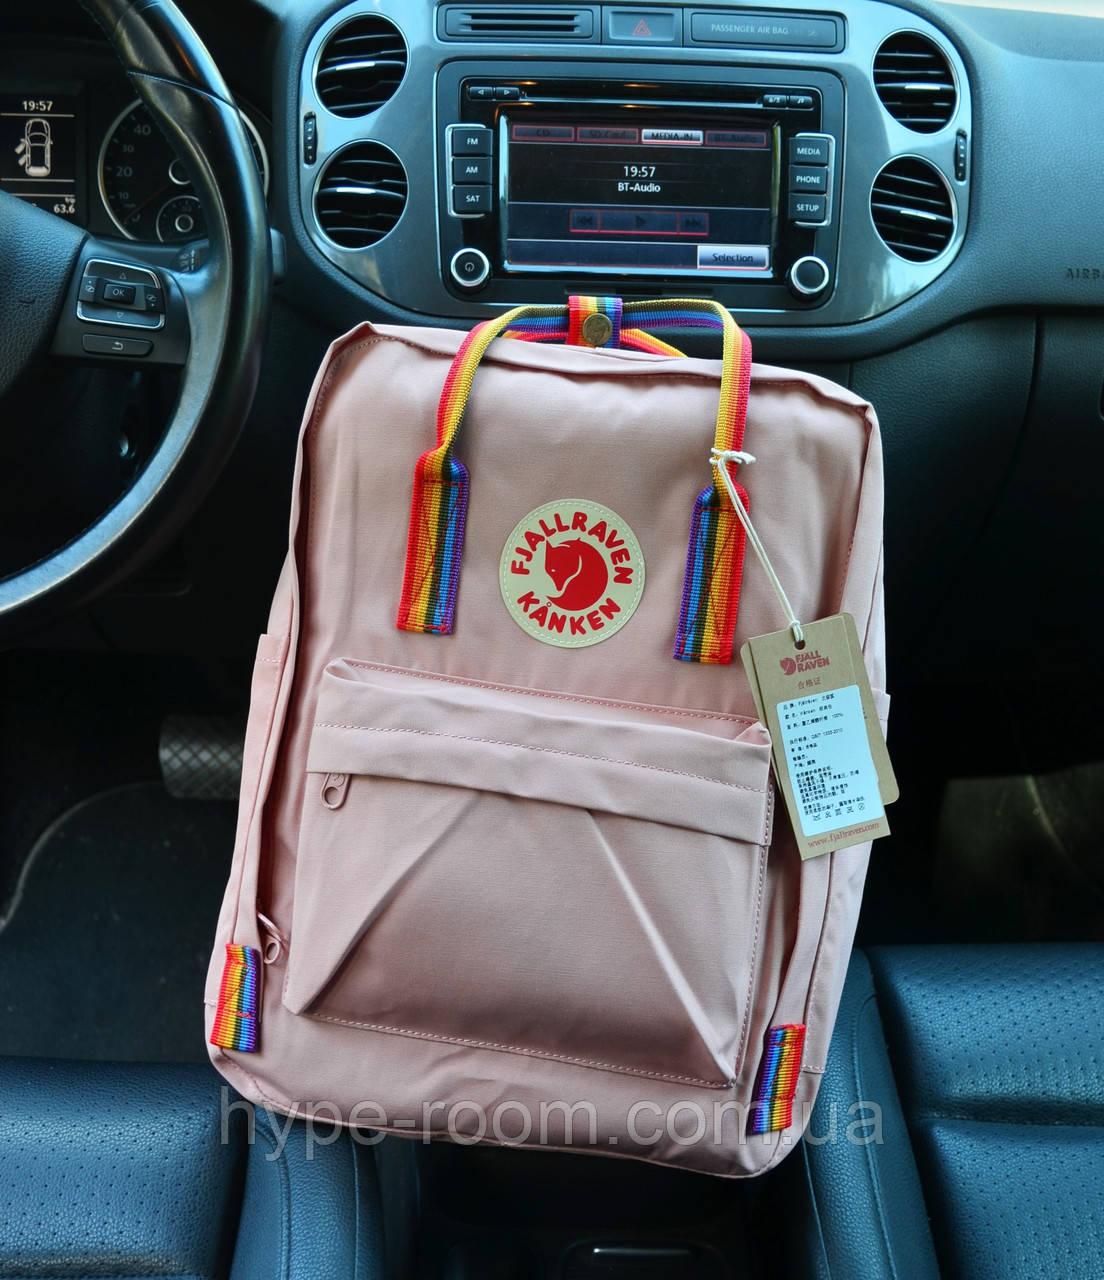 Рюкзак Kanken Classic pink rainbow 16 літрів портфель канкен класік рожевий